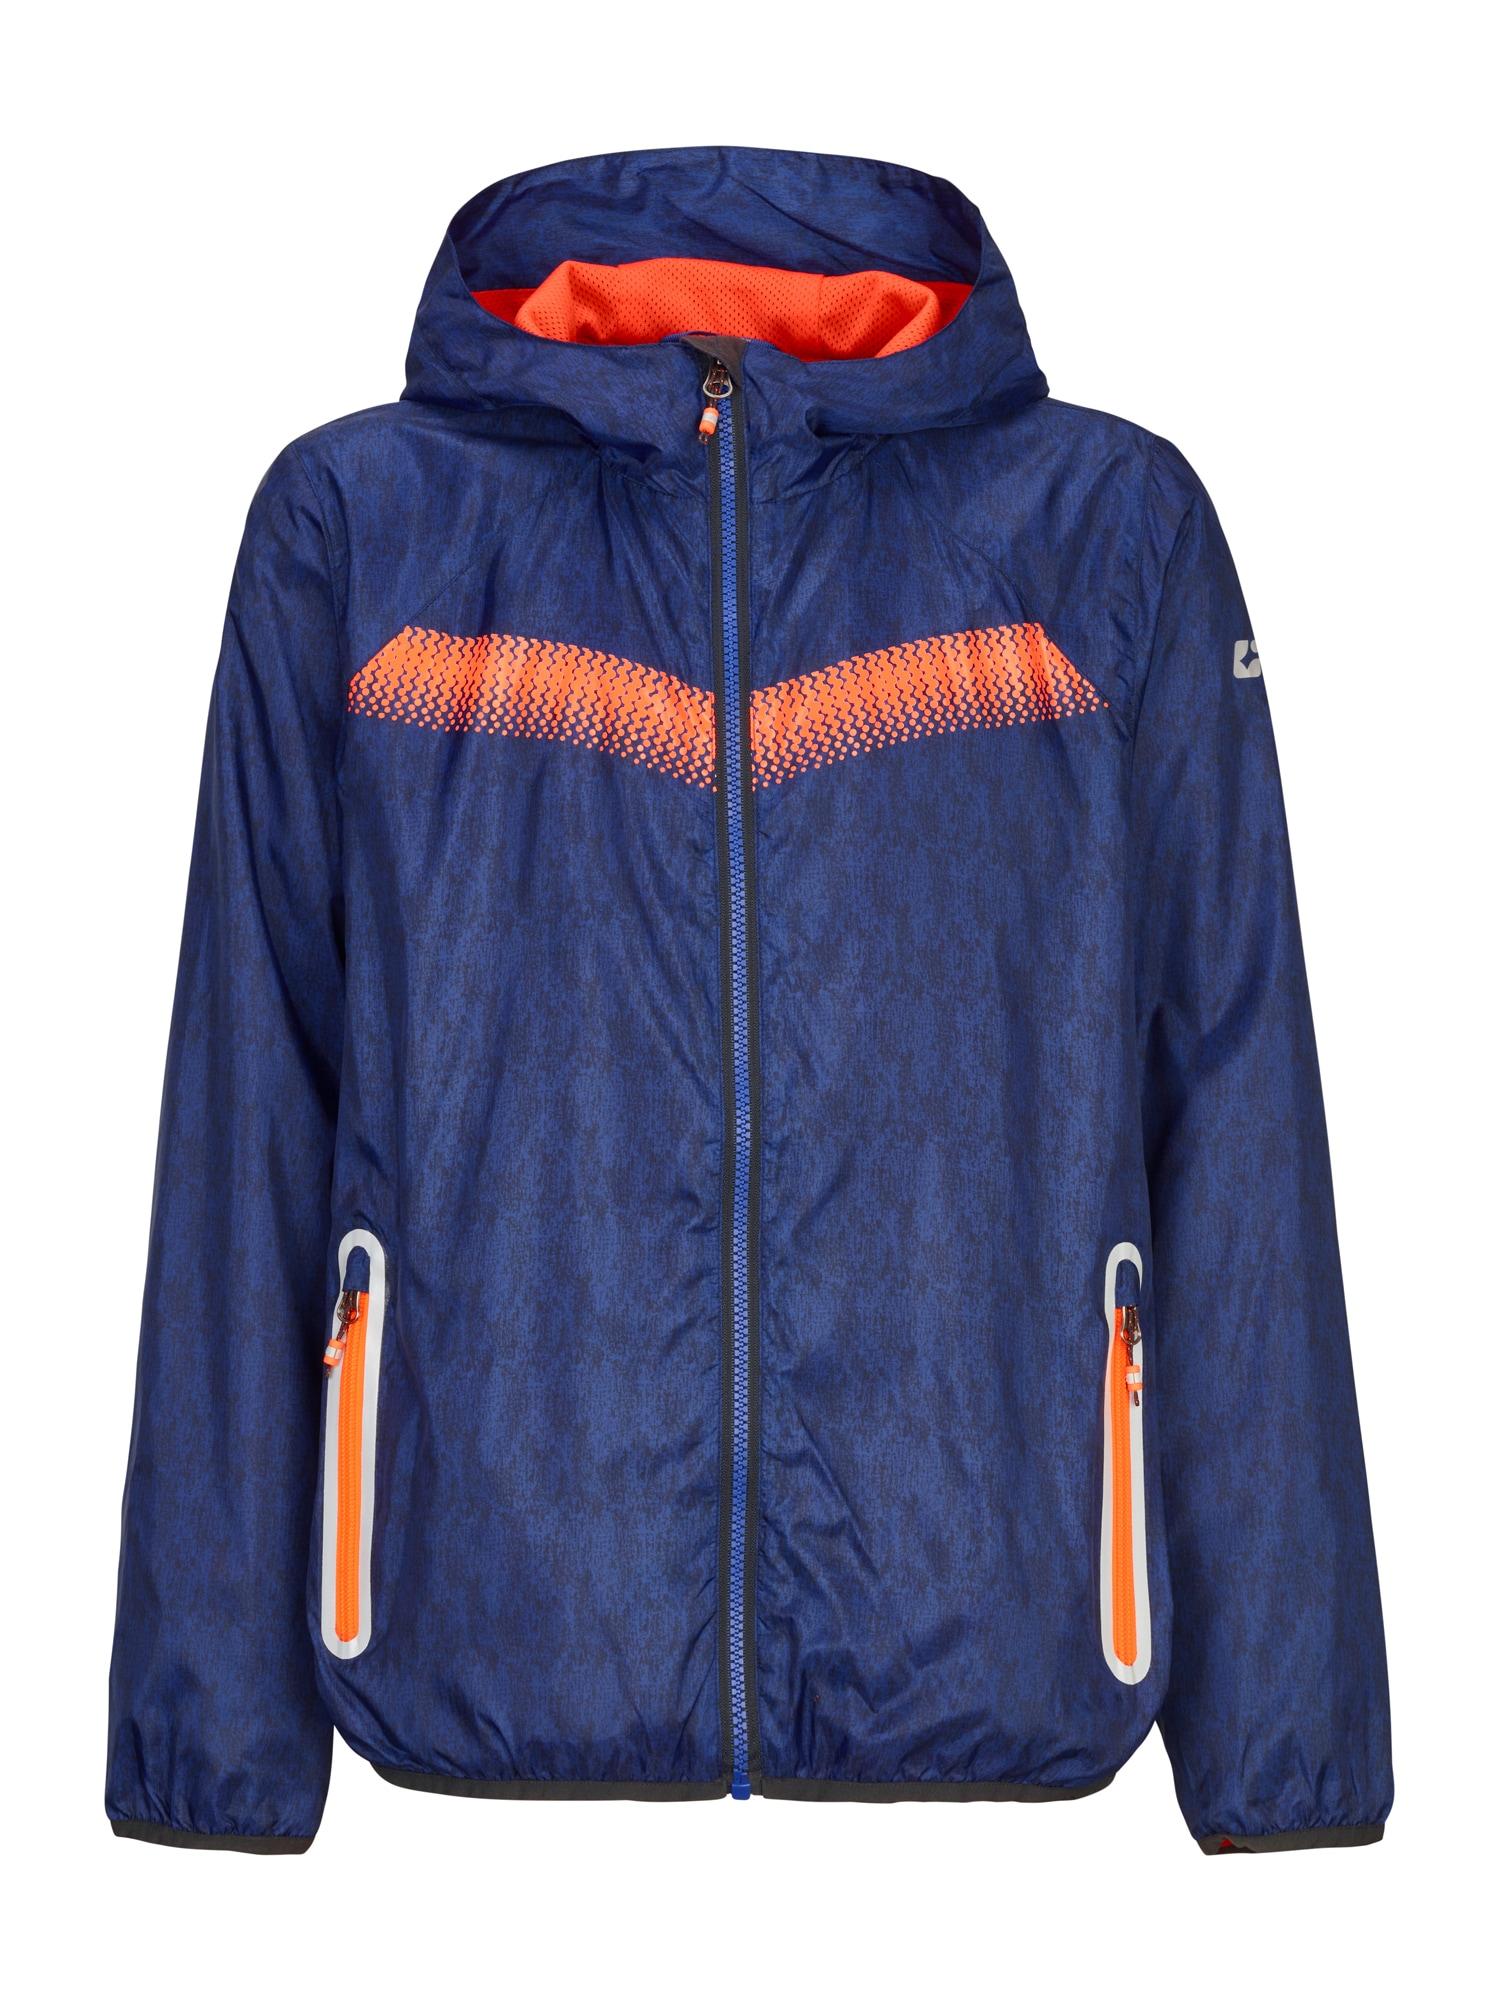 KILLTEC Prechodná bunda  oranžová / zafírová